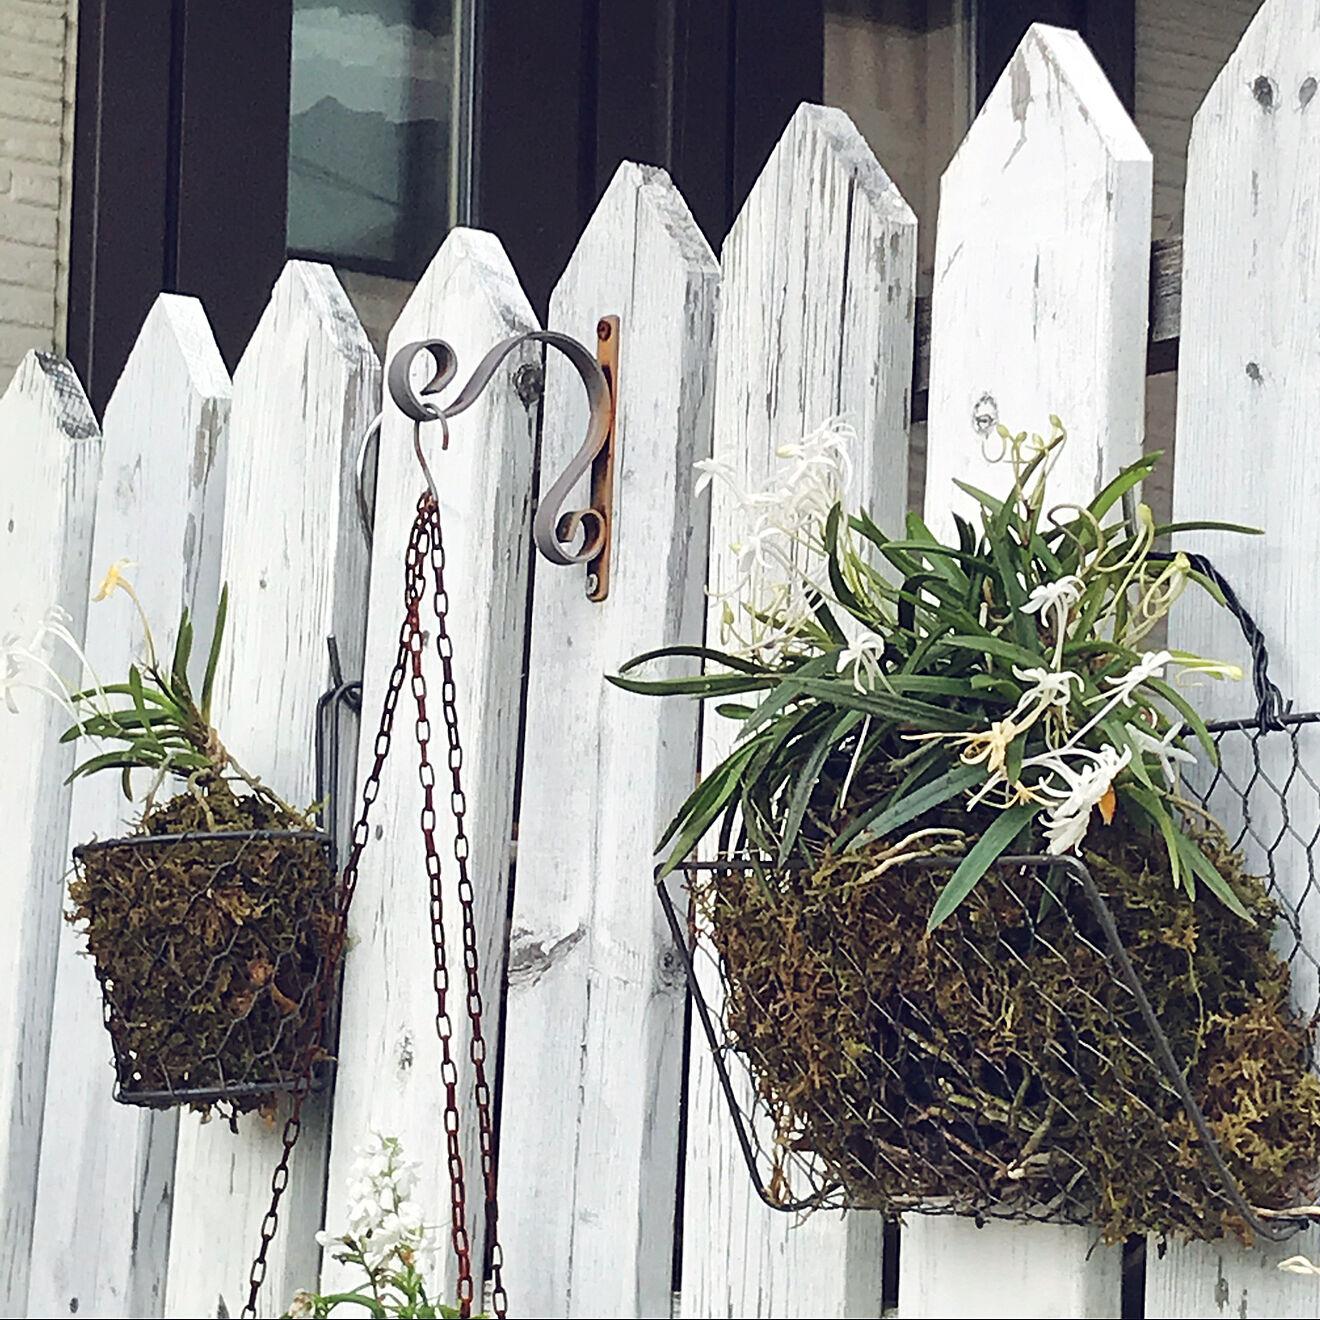 「ワイヤーメッシュラティスを曲げるだけでできる、壁・塀掛け植木カゴ」 by ayomoyuさん